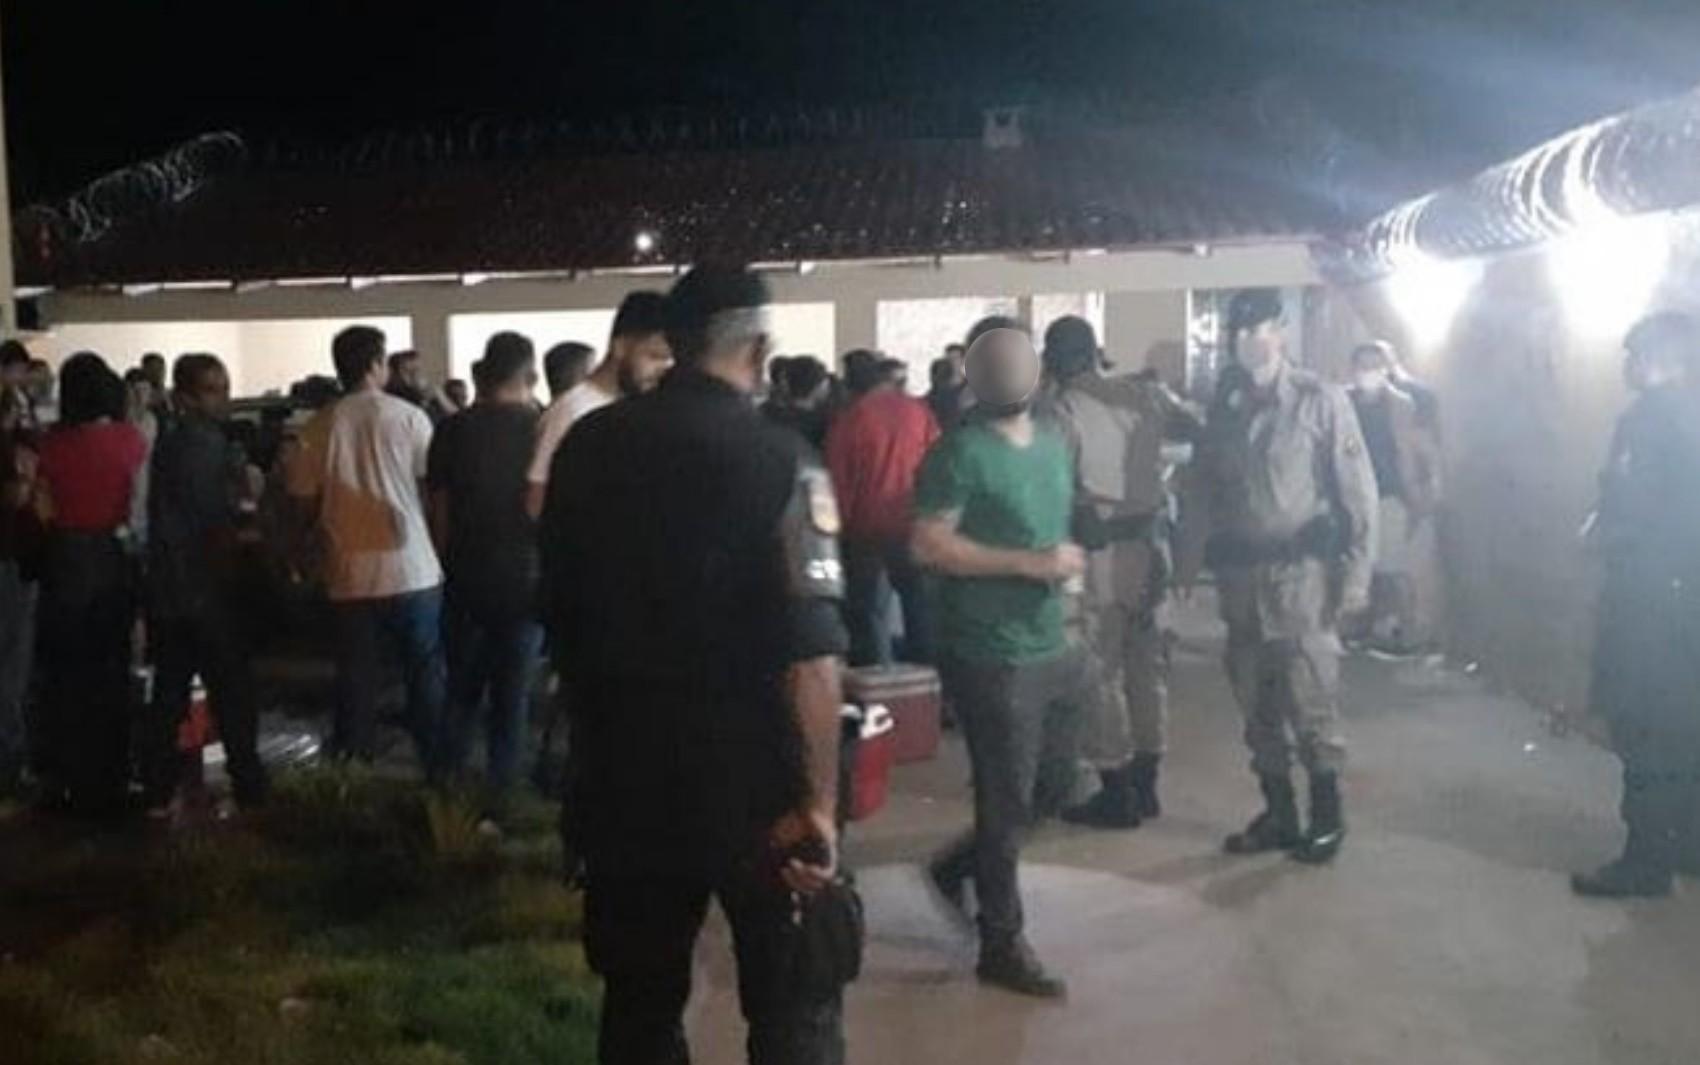 Mais de 150 pessoas são flagradas em festa em São Luís de Montes Belos, diz PM